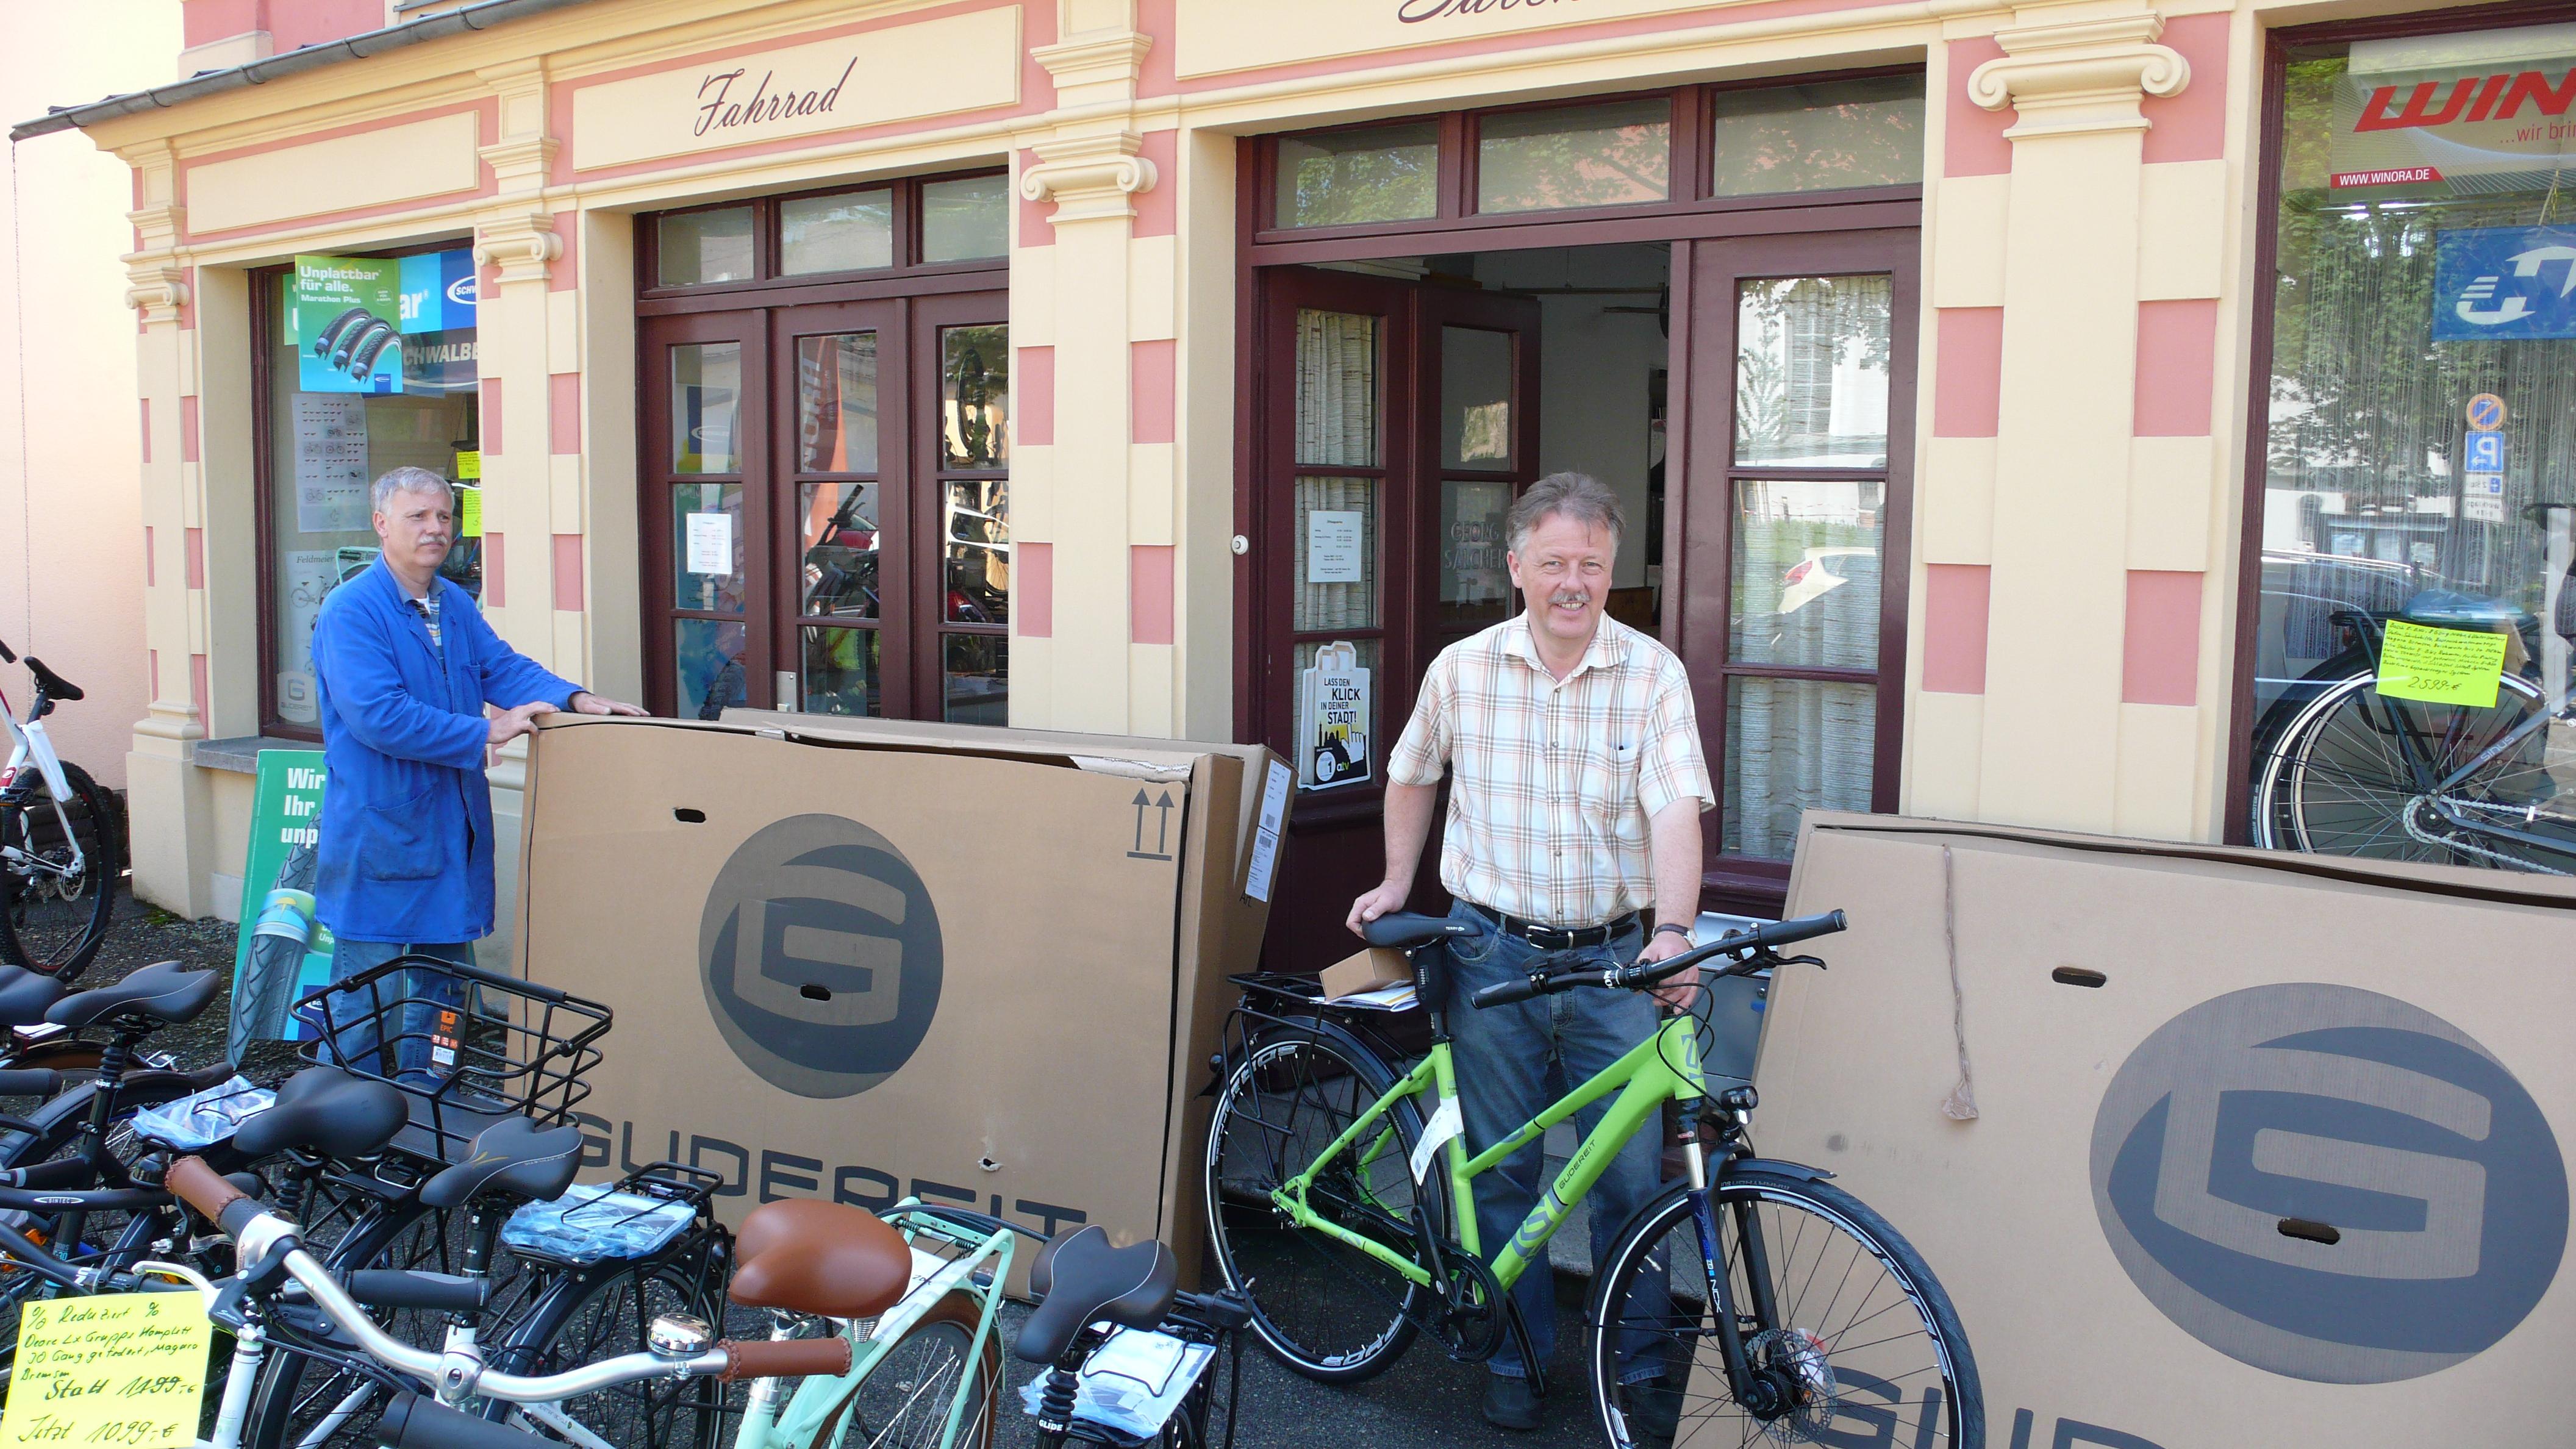 ab dem 27.04.20 wieder zu unseren altgewohnten Öffnungszeiten für ihren Bedarf an Fahrrädern und Fahrradzubehör sowie natürlich auch mit der Fahrradreparatur für sie bereit stehen